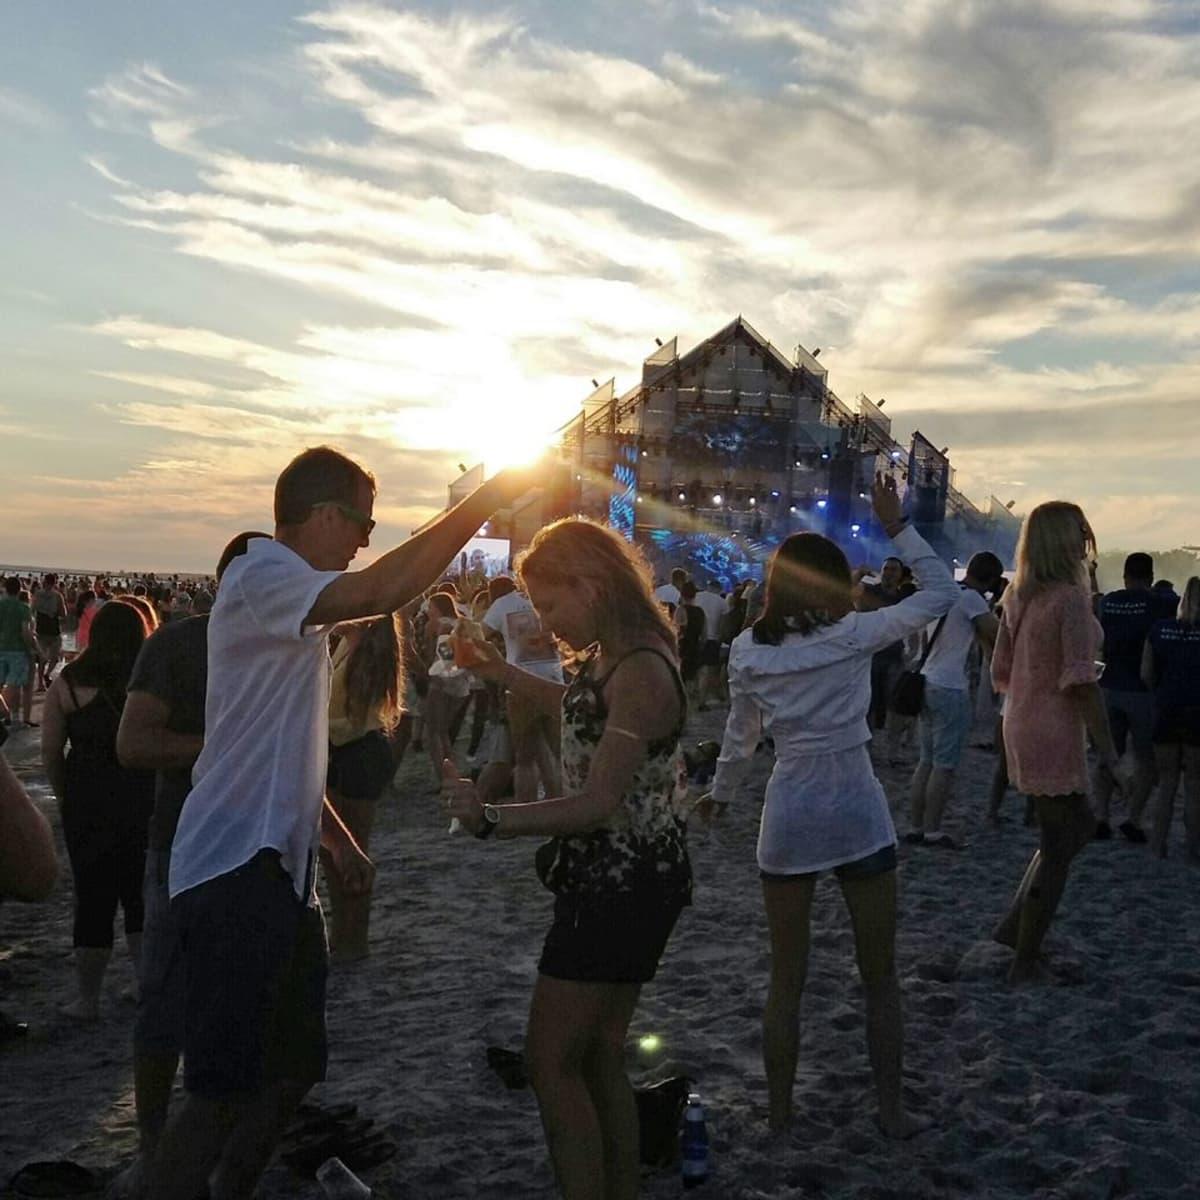 Weekend Baltic - festivaalin pääesiintyjä lauantaina on David Guetta. Ihmisiä rannalla tanssimassa.